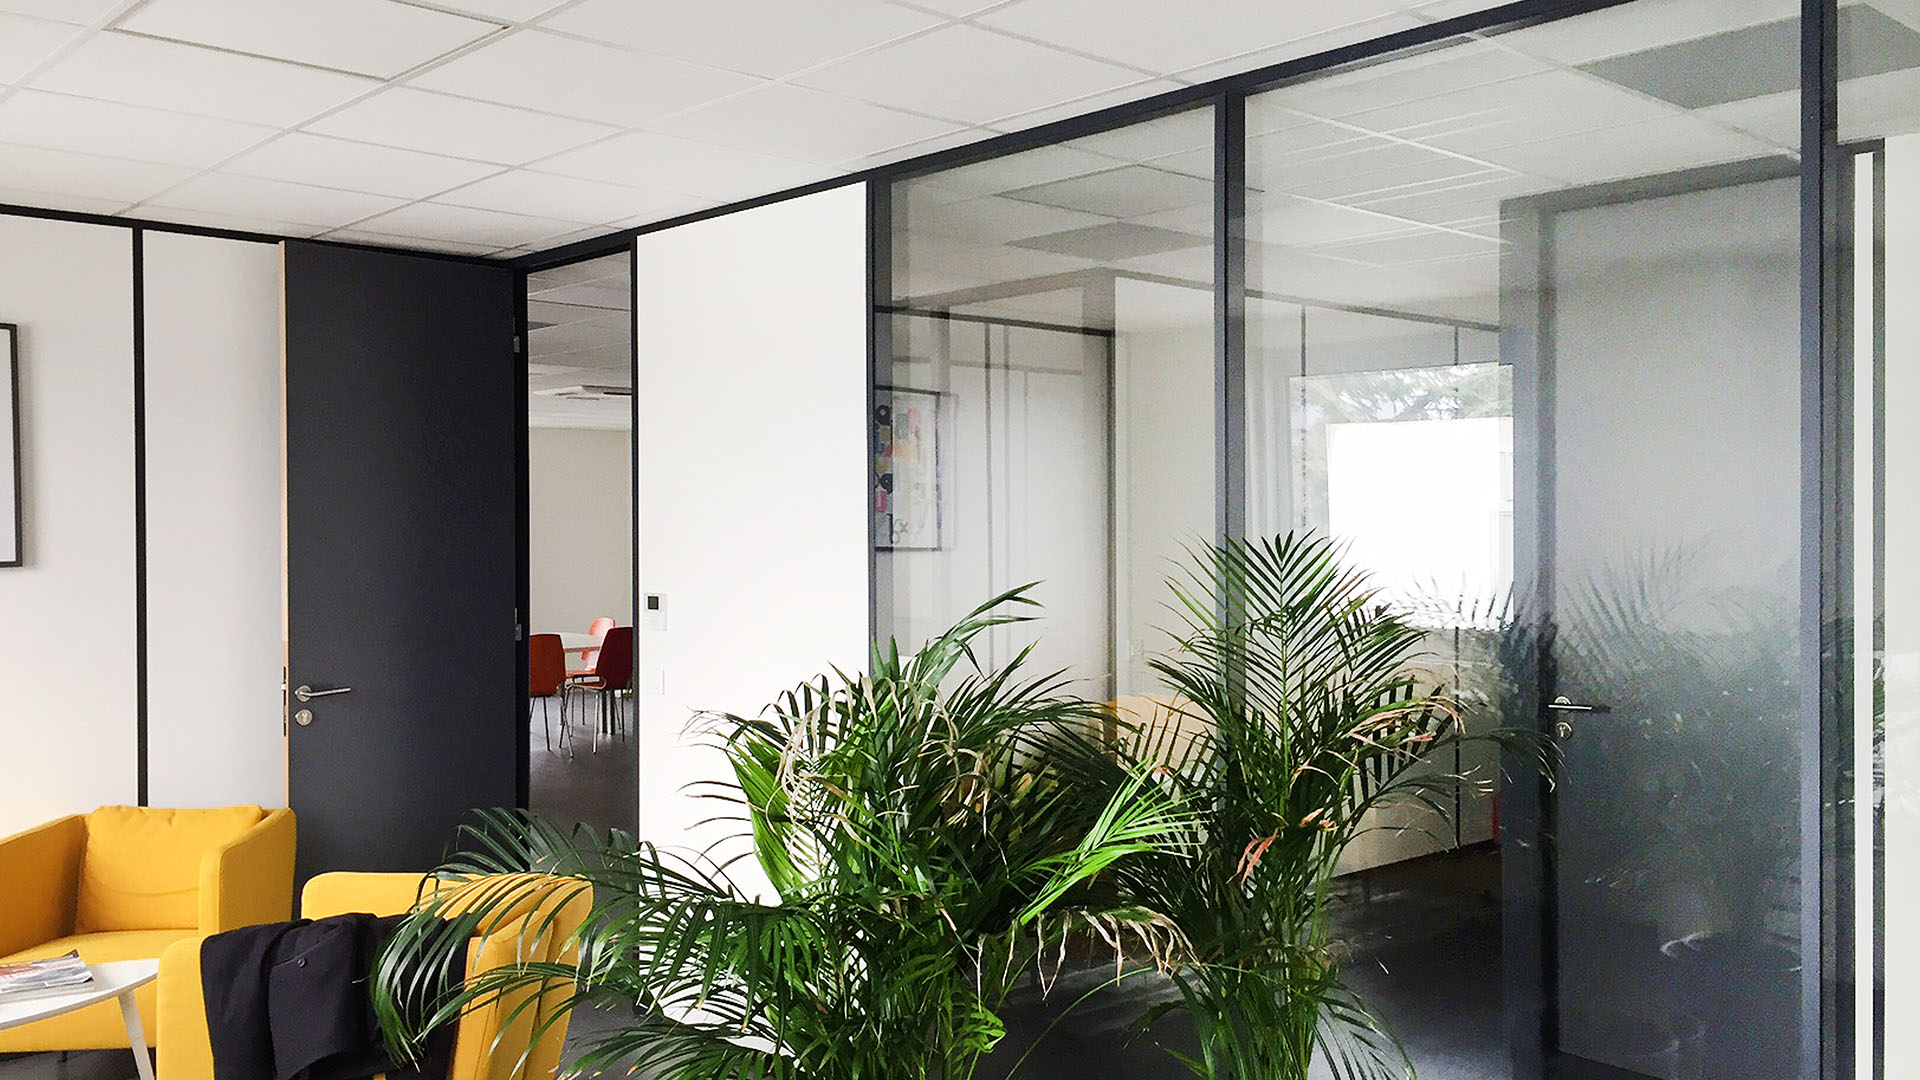 Bureaux et intérieur du bâtiment STONEHEDGE® ALLIANCE+ DARDILLY